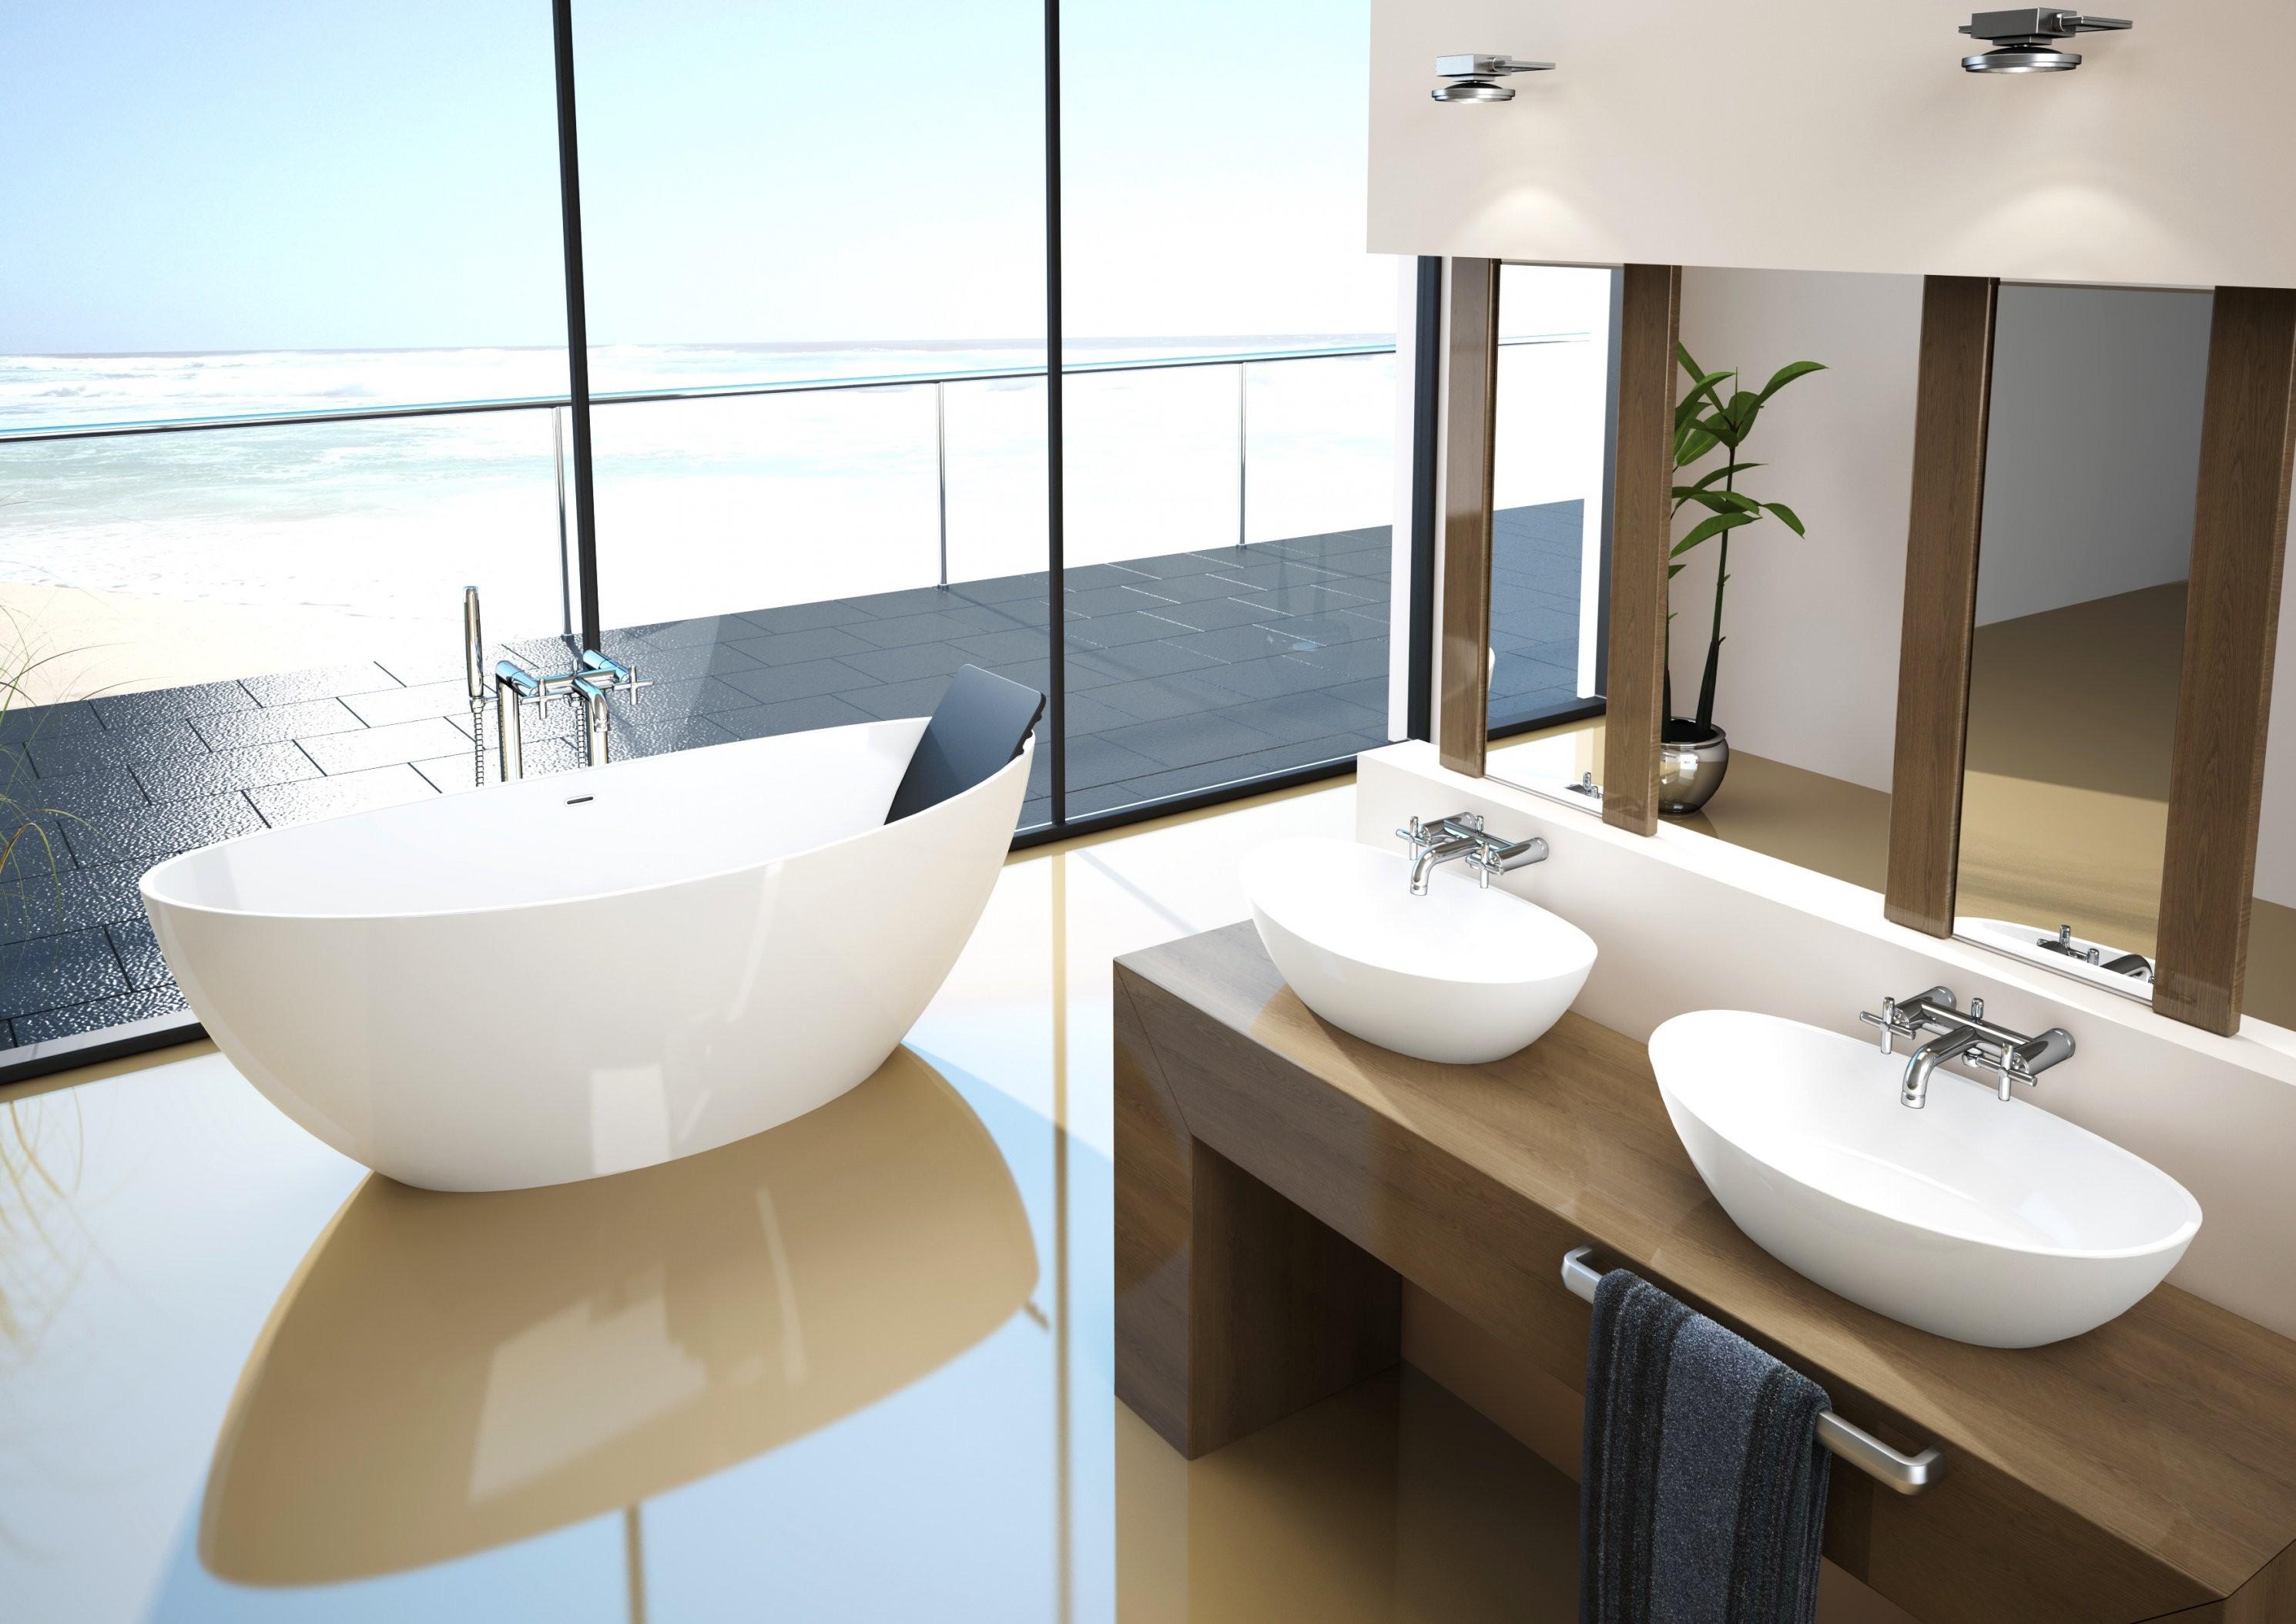 Erstaunlich Bad Mit Freistehender Badewanne Design Idee Mit Einer von Bad Mit Freistehender Badewanne Bild